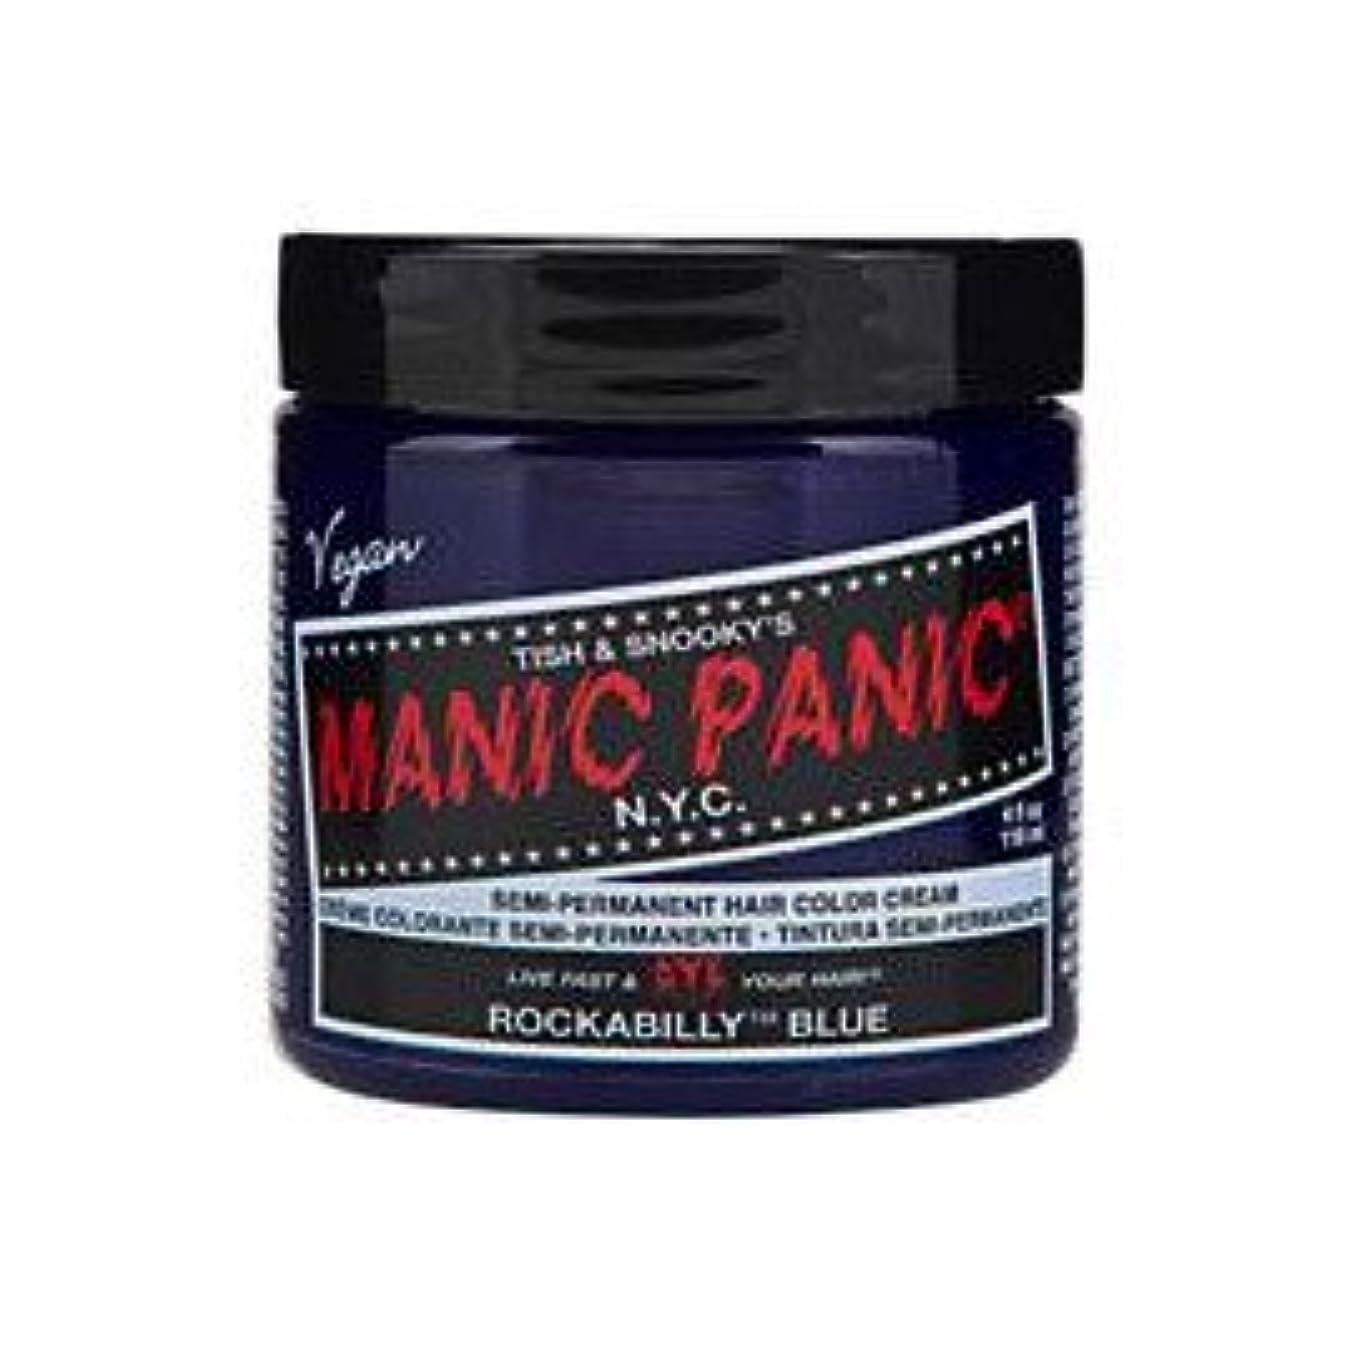 作者邪魔するお嬢MANIC PANIC マニックパニック Rockabilly Blue ロカビリーブルー 118ml